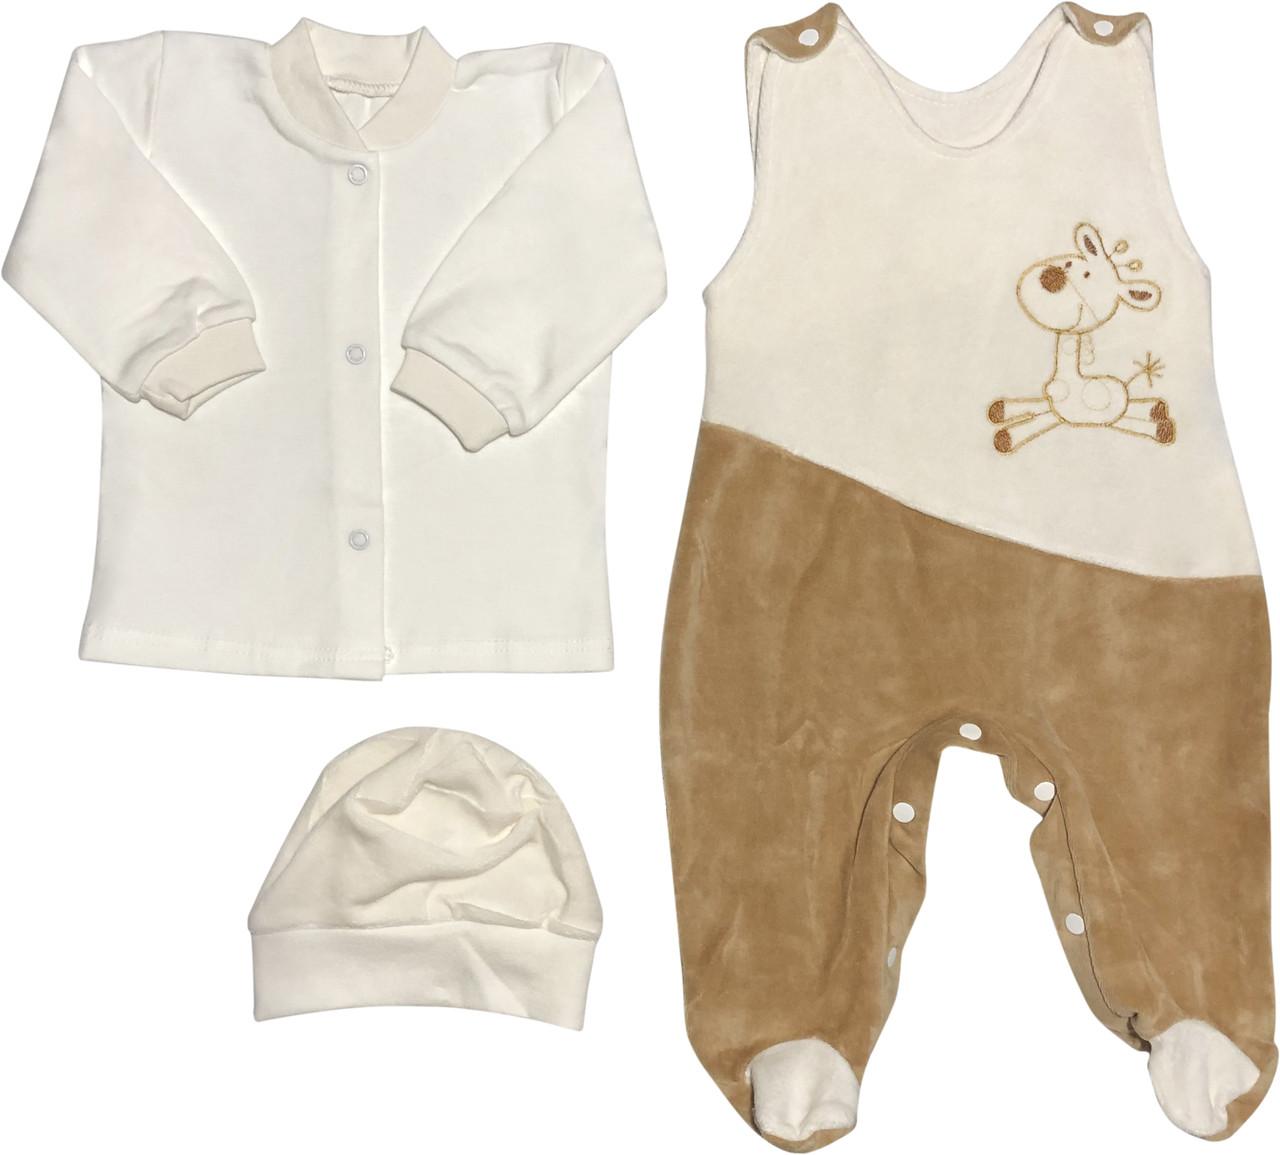 Костюм для новонароджених малюків зріст 74 6-9 міс на хлопчика дівчинку комплект дитячий велюровий коричневий